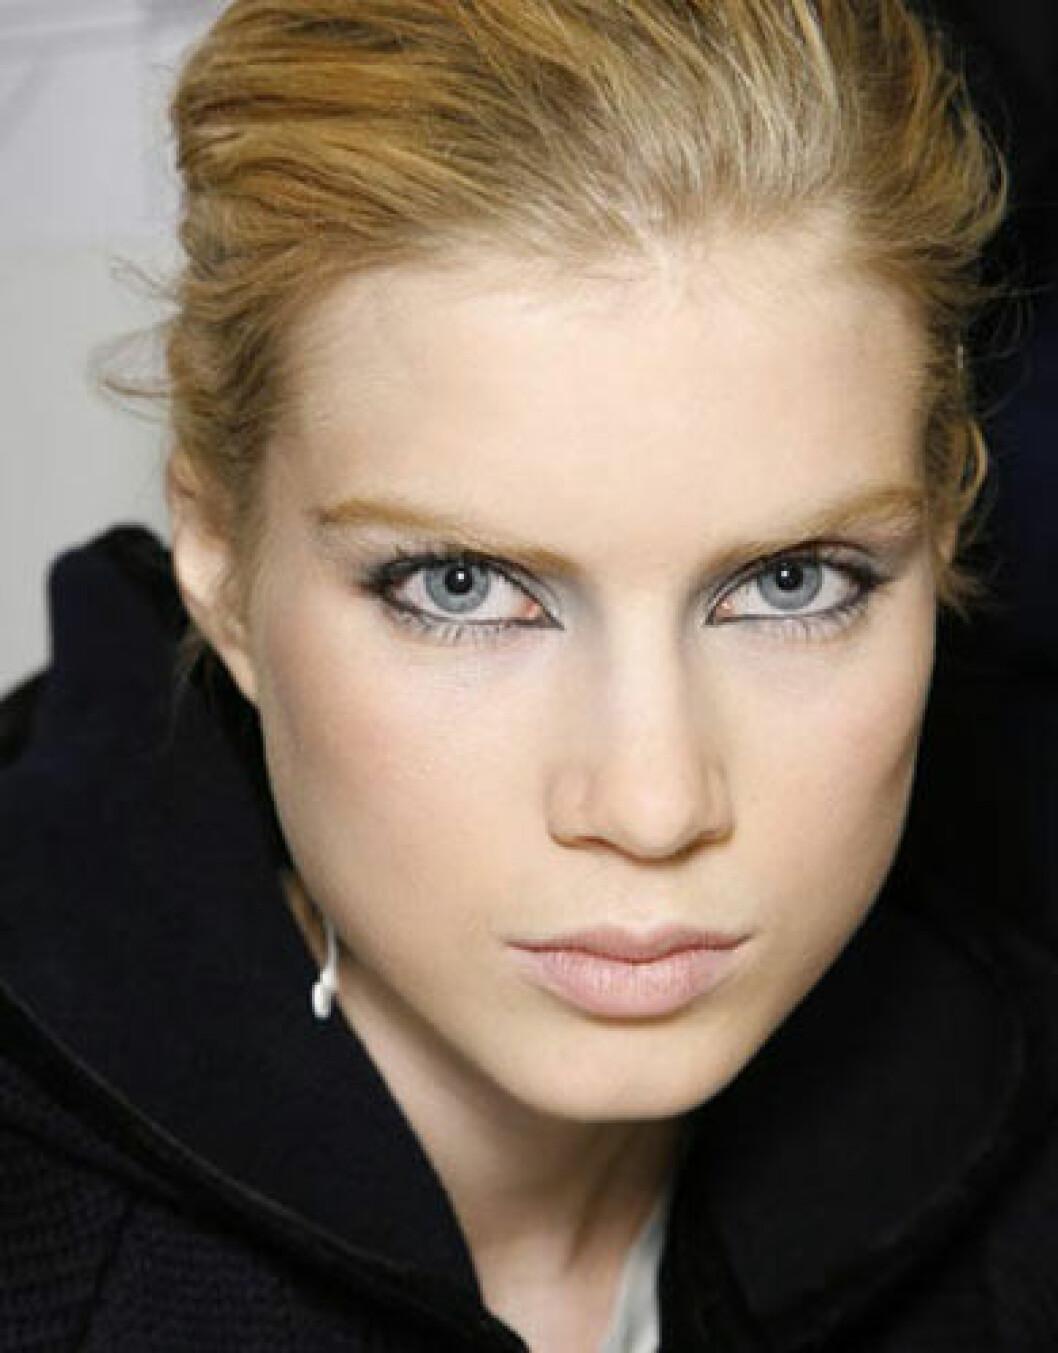 Enligt professionella makeupartisten Bruce Grayson behöver en snygg sminkning inte ta mer än 6 minuter.